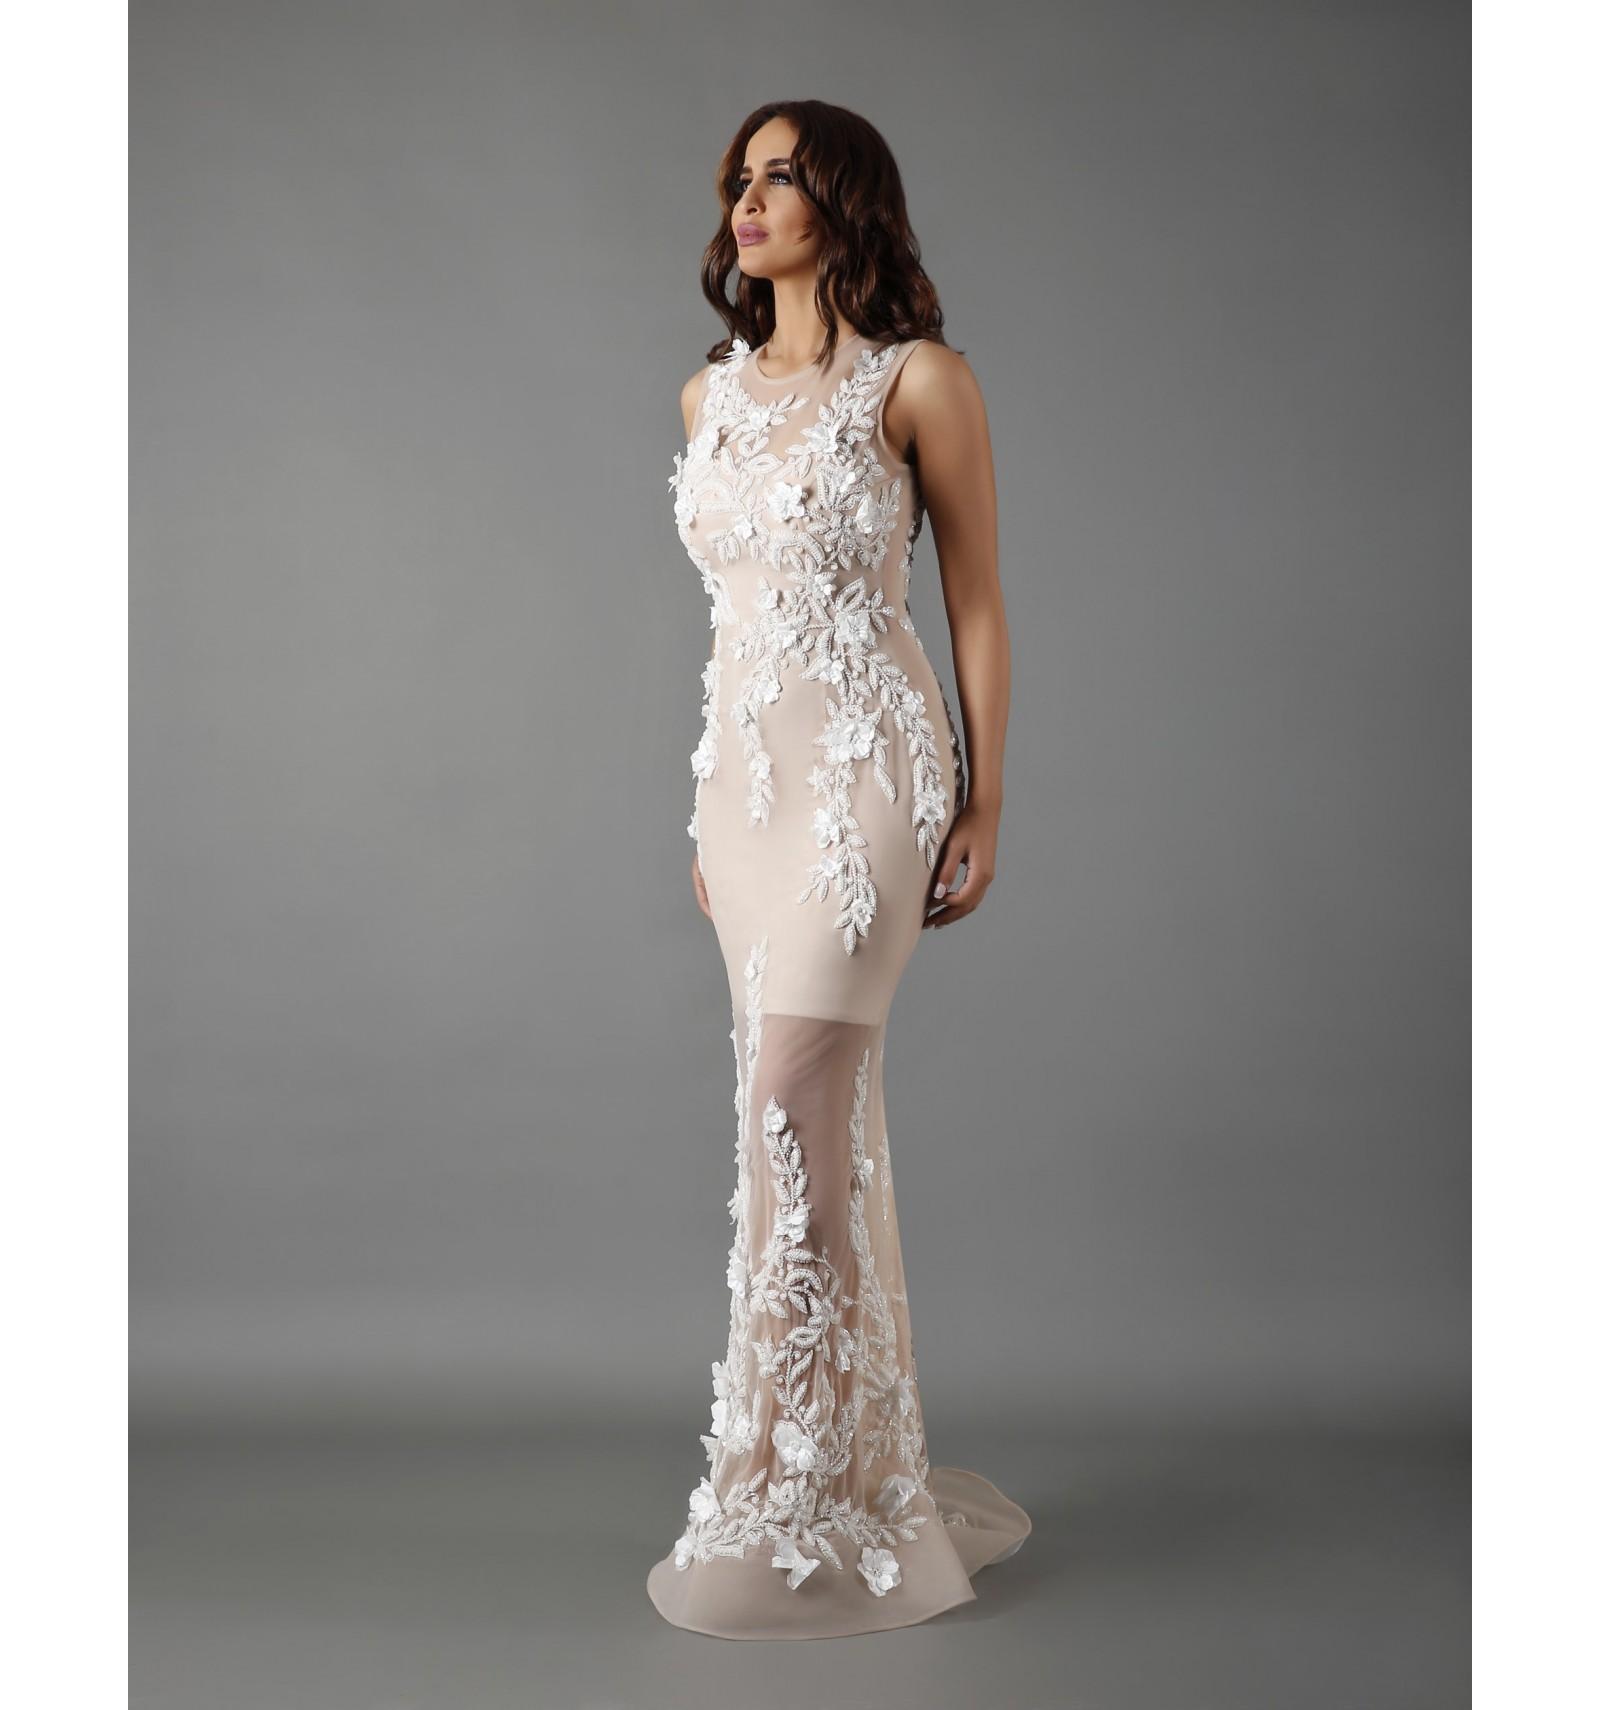 بالصور فساتين دانتيل , تالقى بجمال فستانك 1275 4